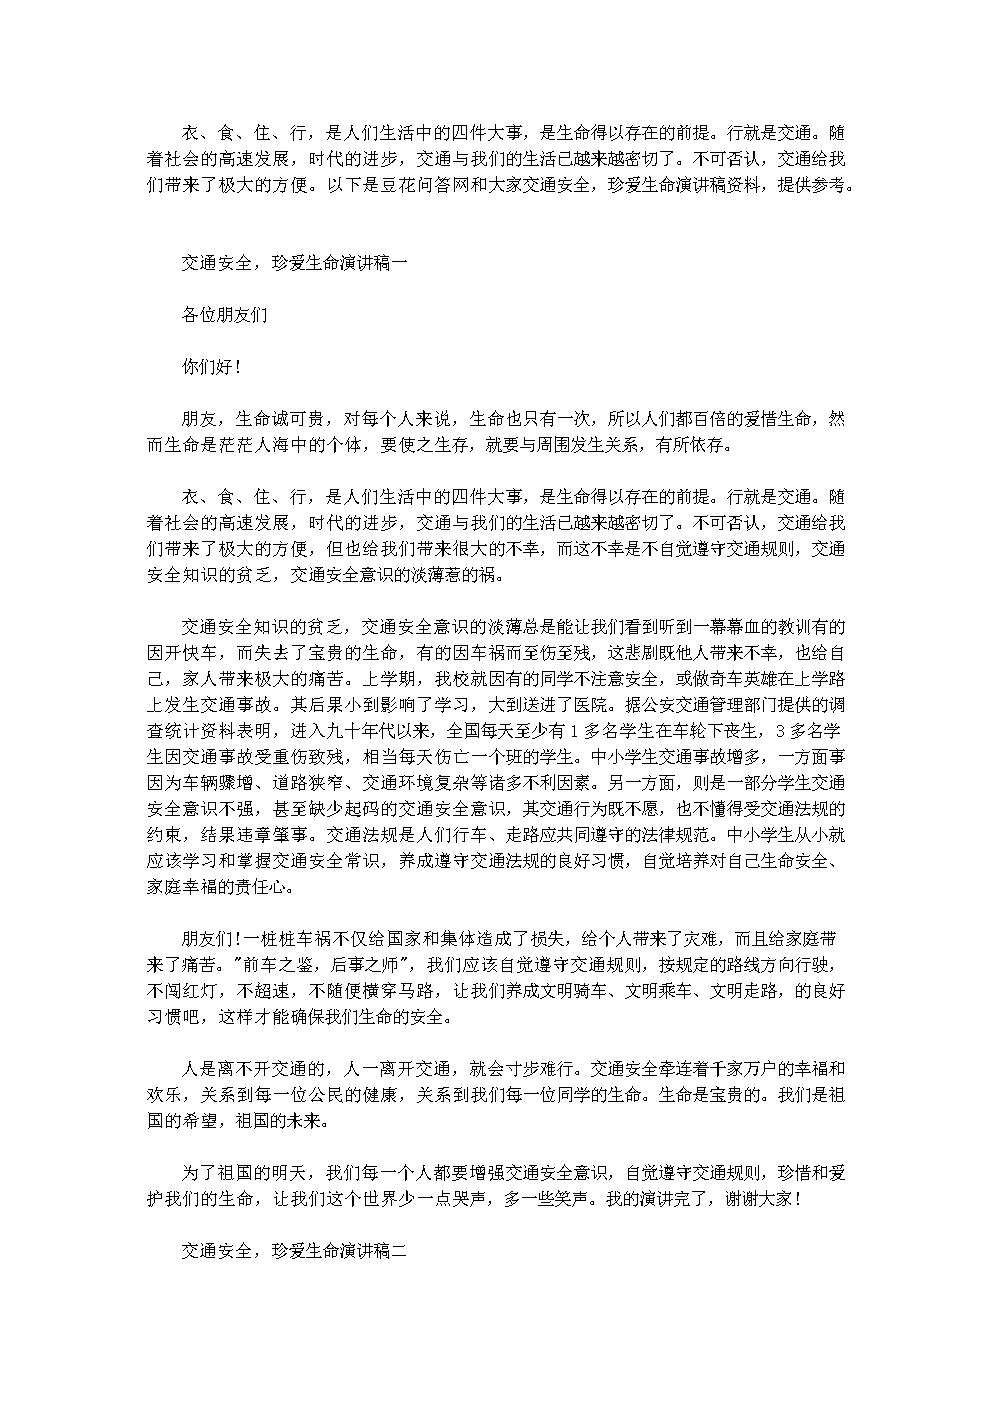 交通安全,珍爱生命演讲稿.doc